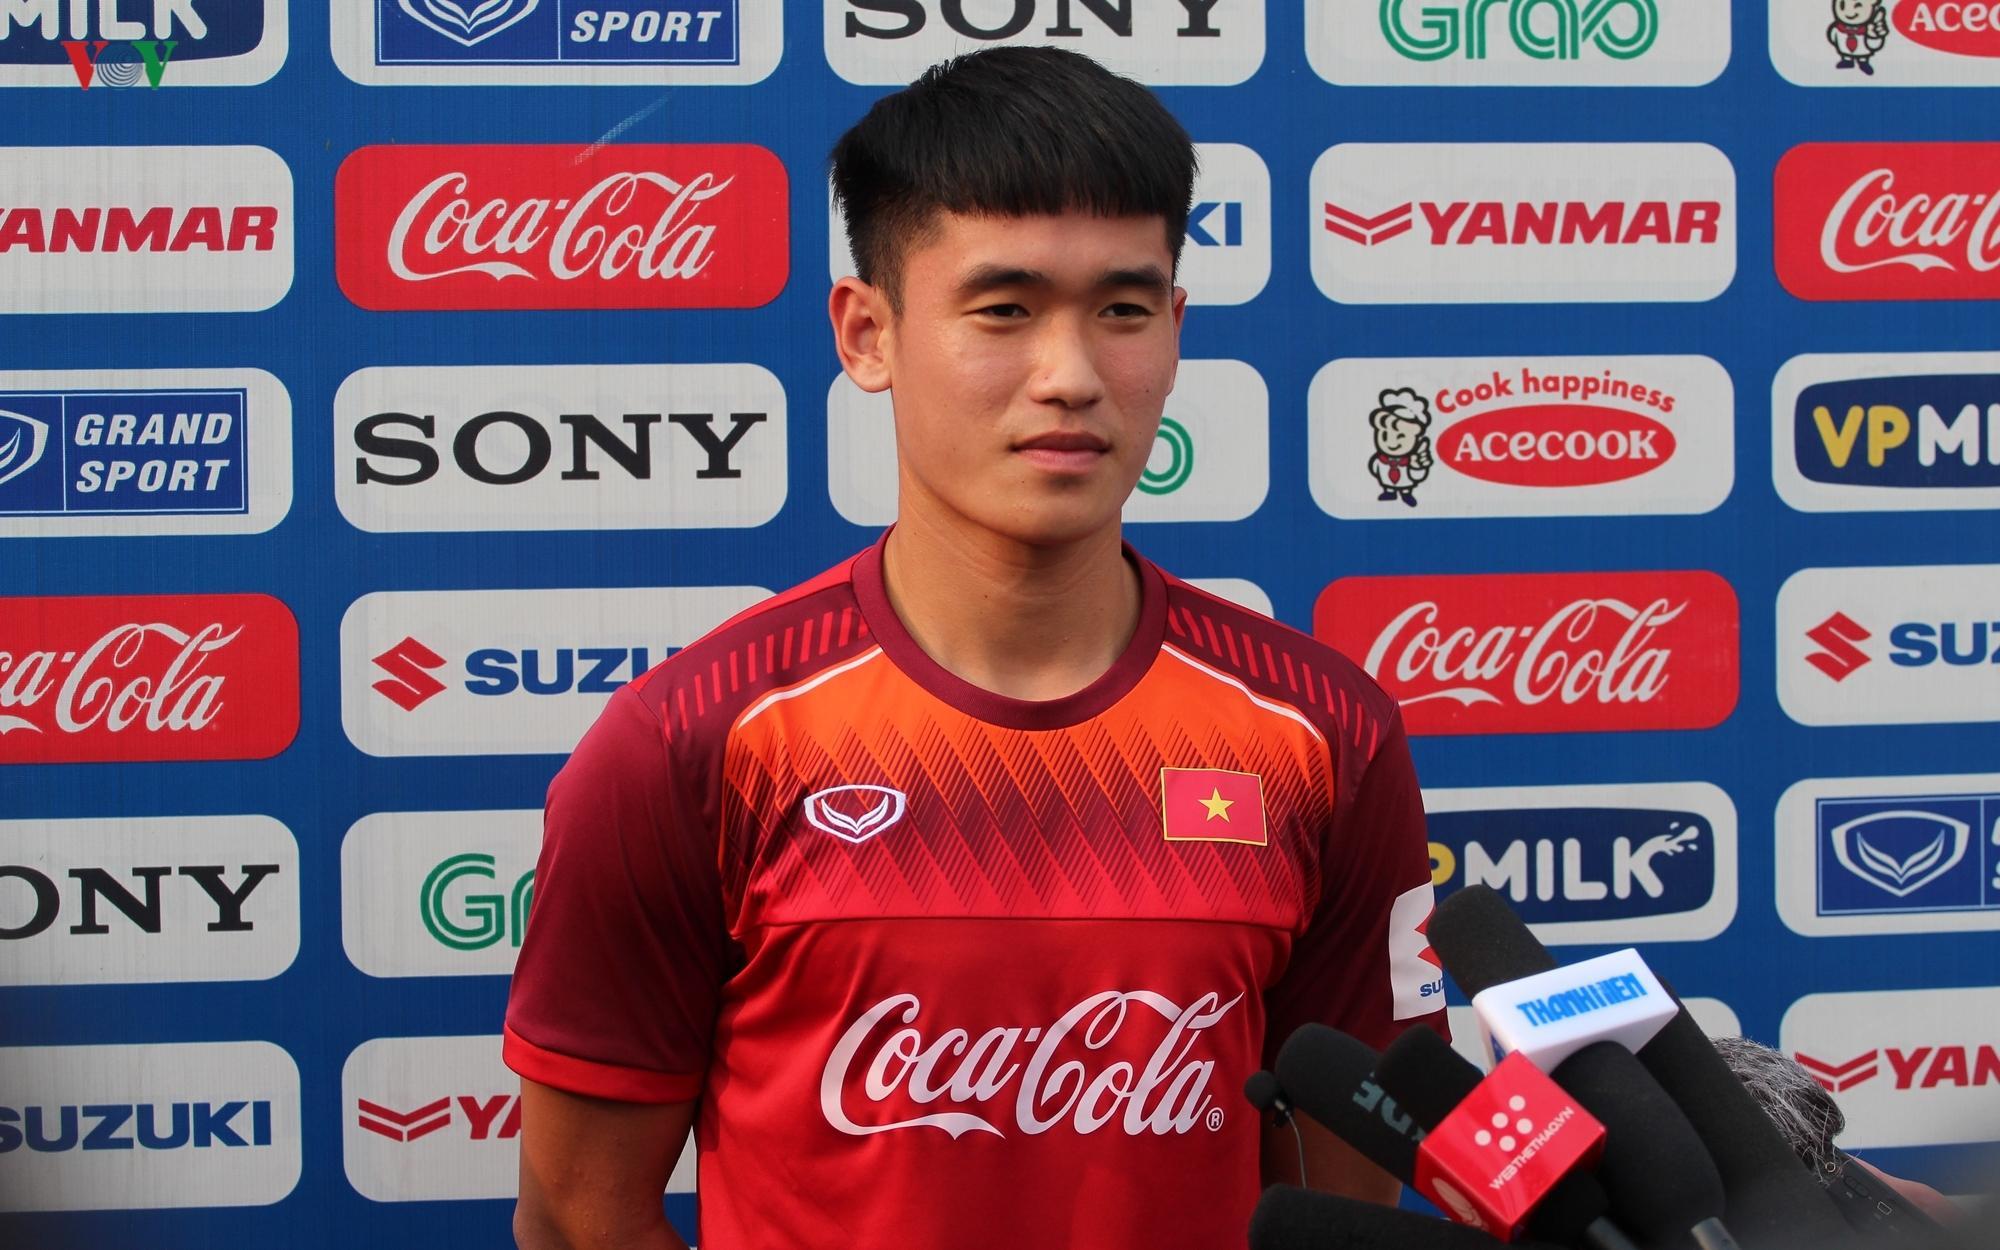 Trung vệ U23 Việt Nam phân tích lối chơi U23 Thái Lan và U23 Indonesia Ảnh 1